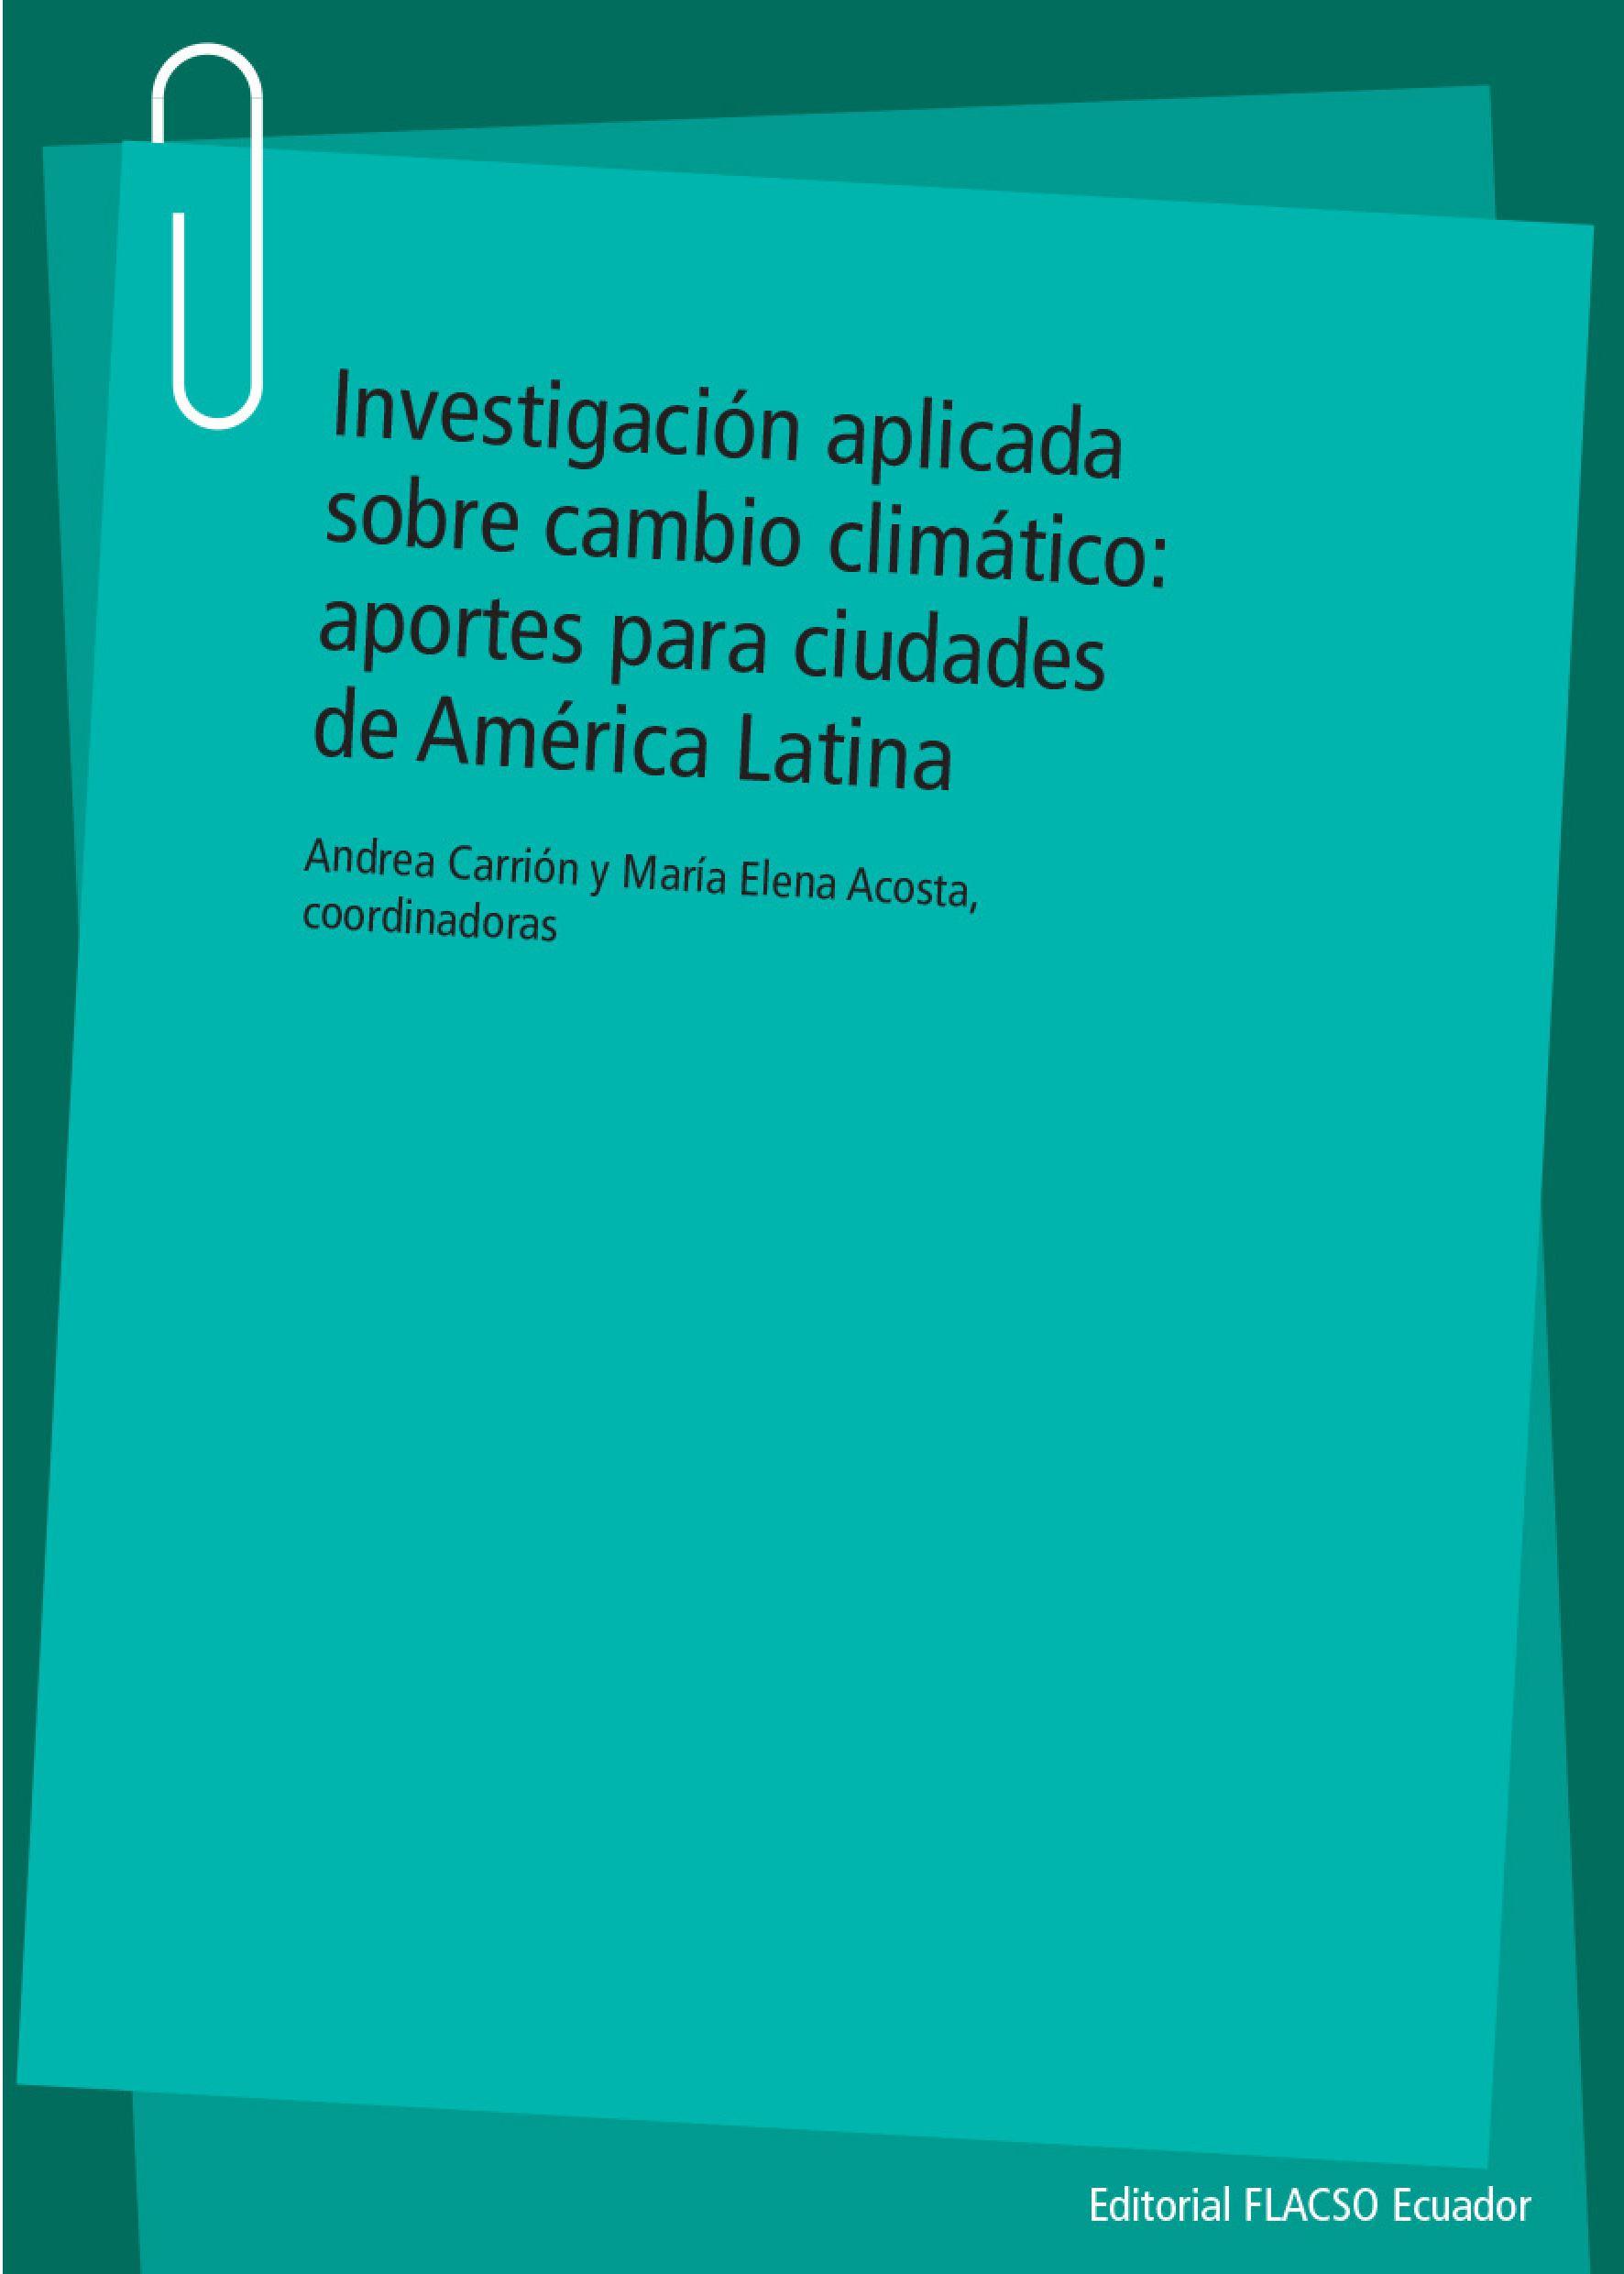 Investigación aplicada sobre cambio climático: aportes para ciudades de América Latina